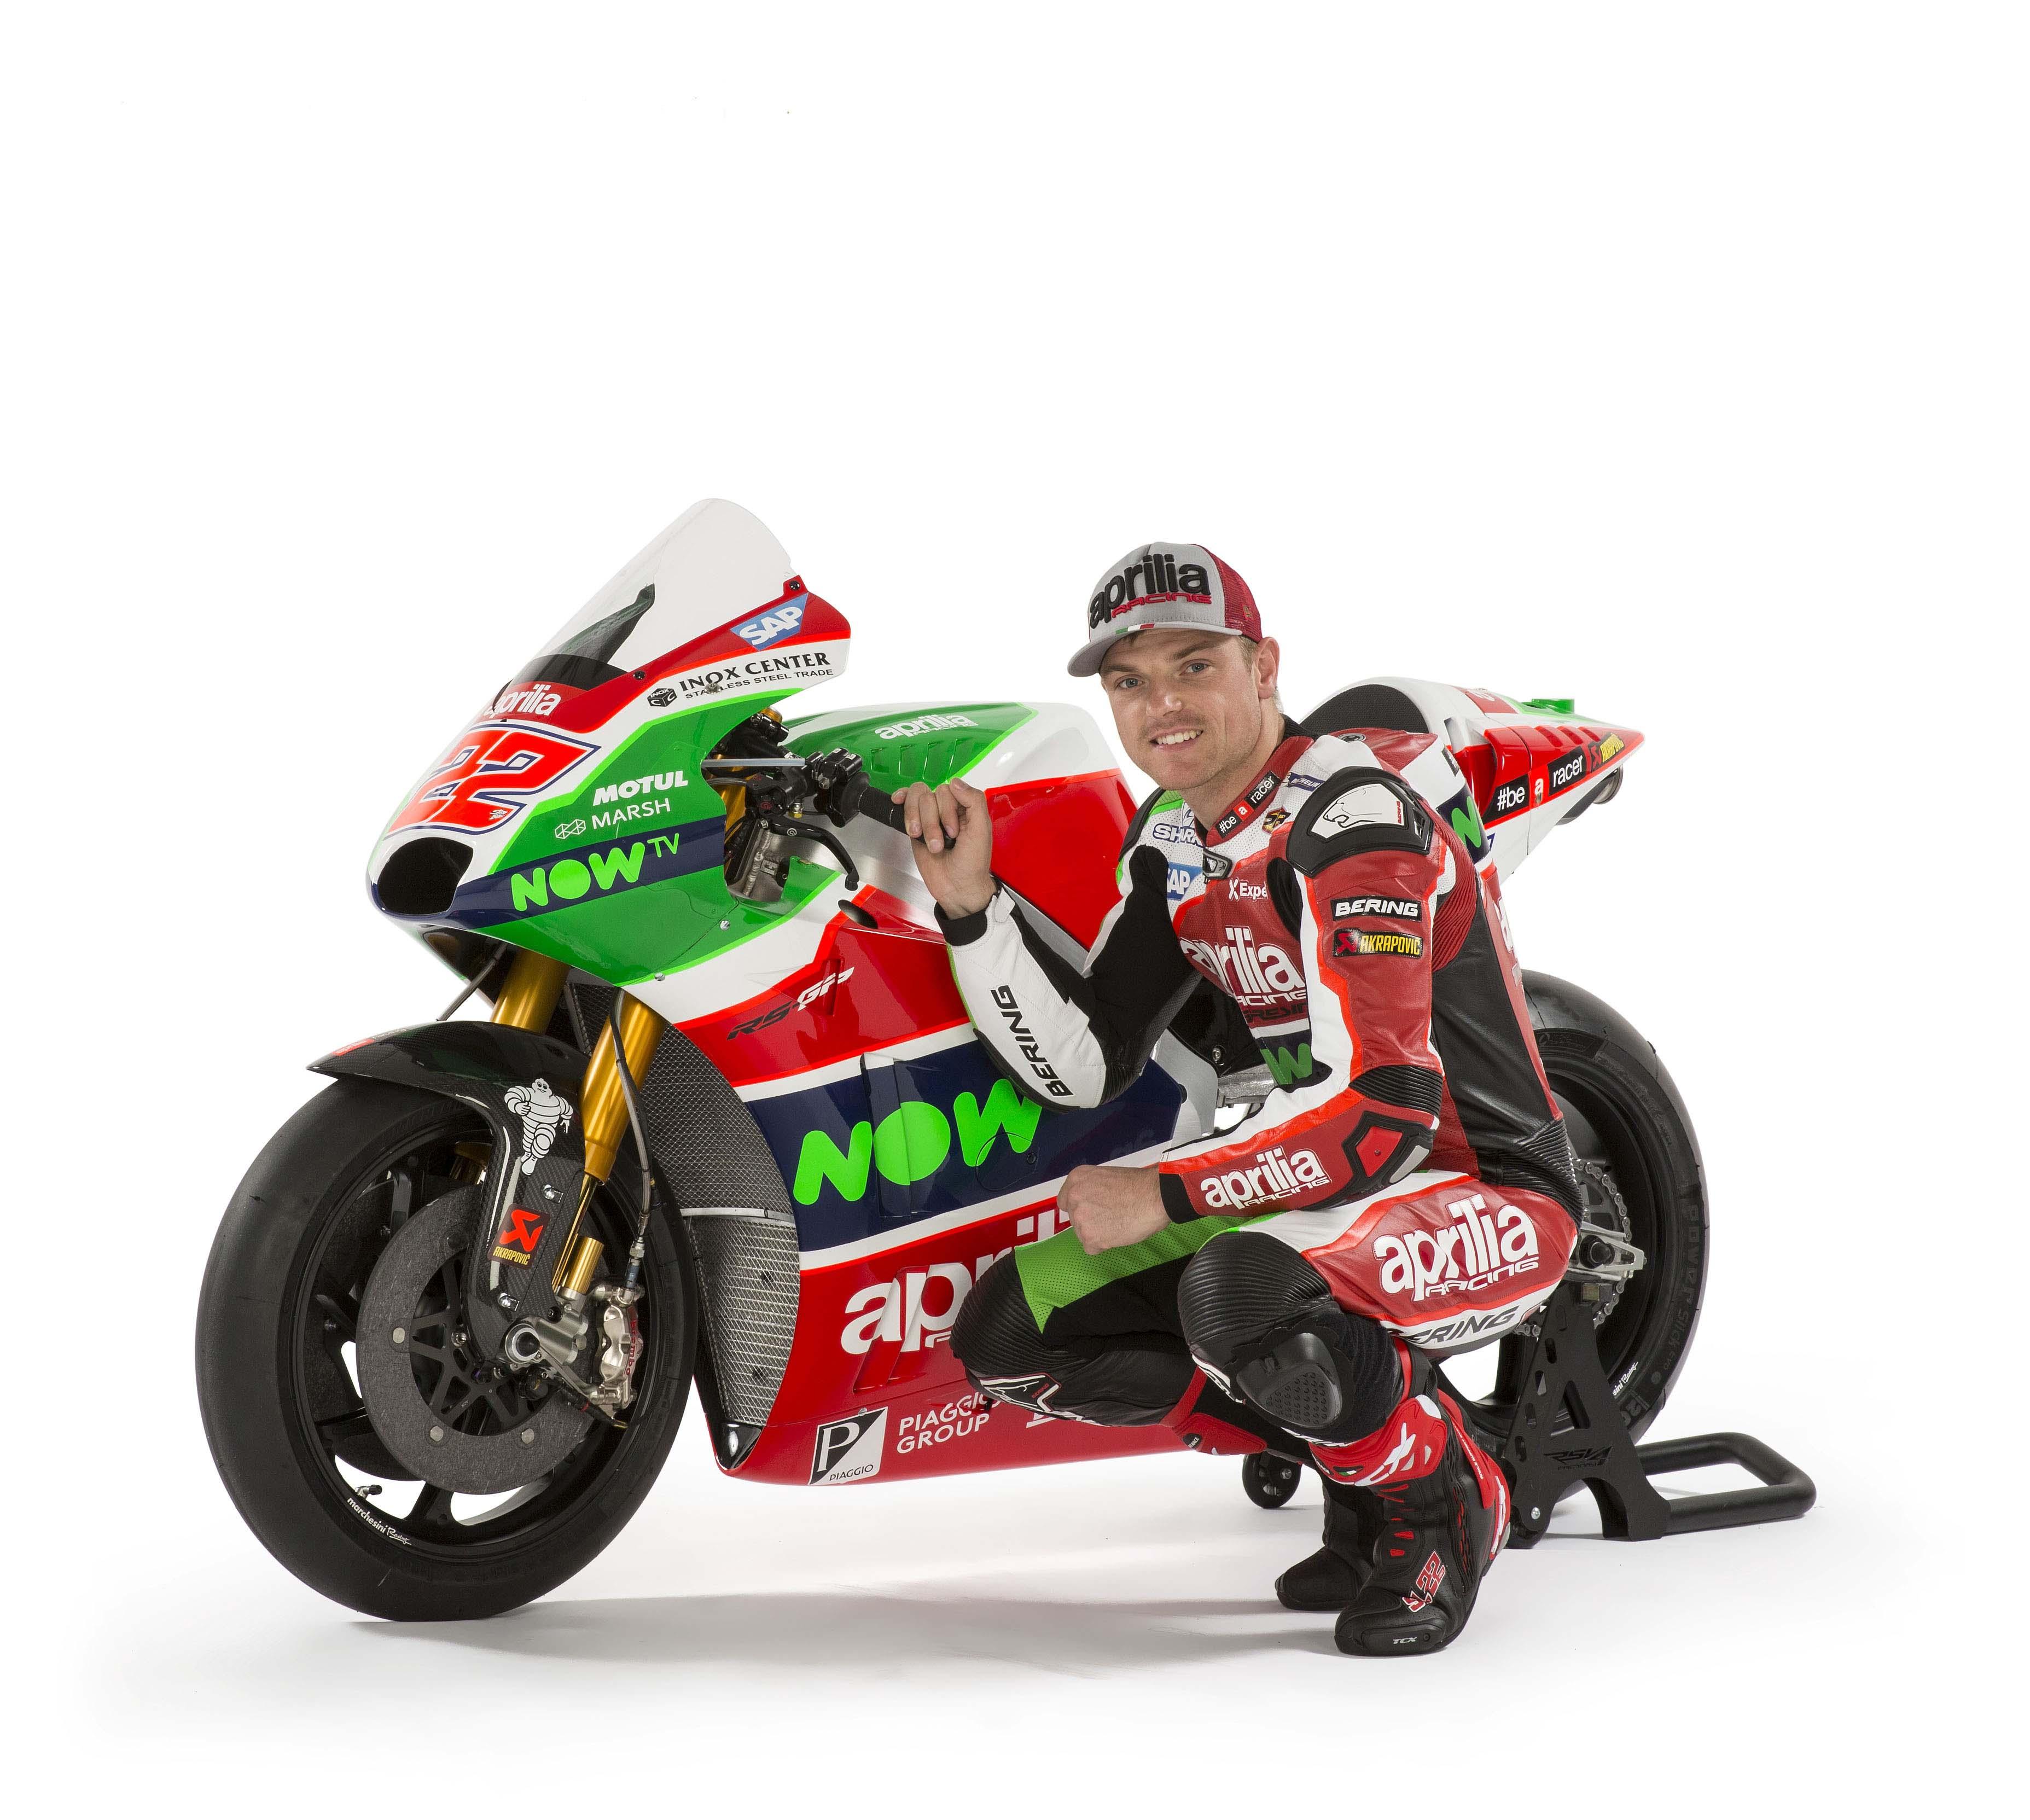 2020 Aprilia RS-GP MotoGP foto UHD - DaiDeGas Forum